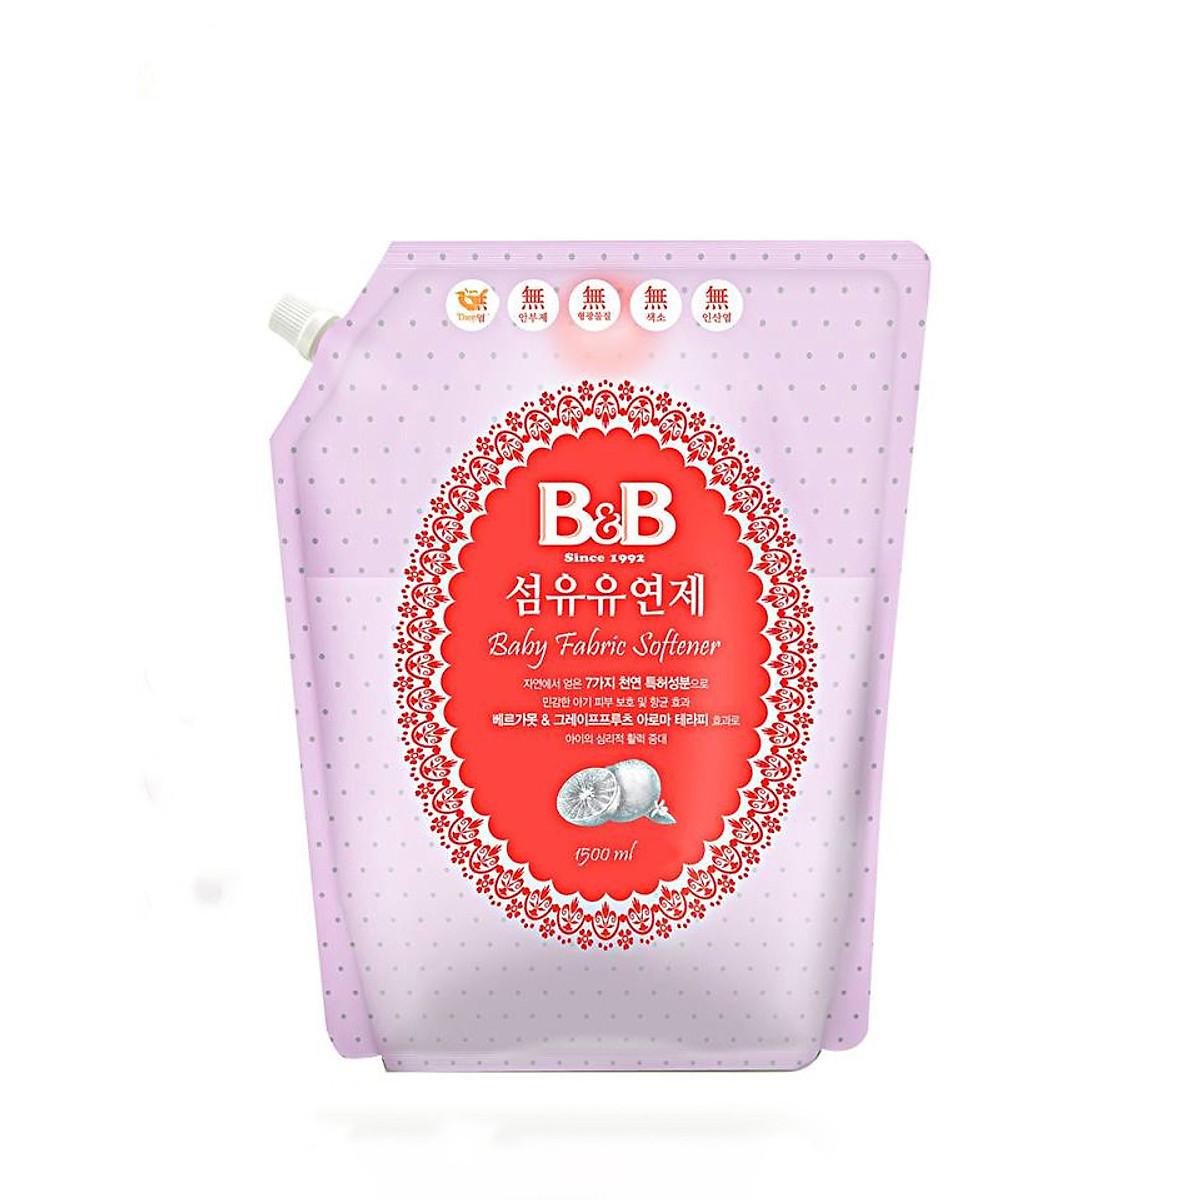 Nước xả vải dành cho bé B&B Bergamot hương cam - 1500ml